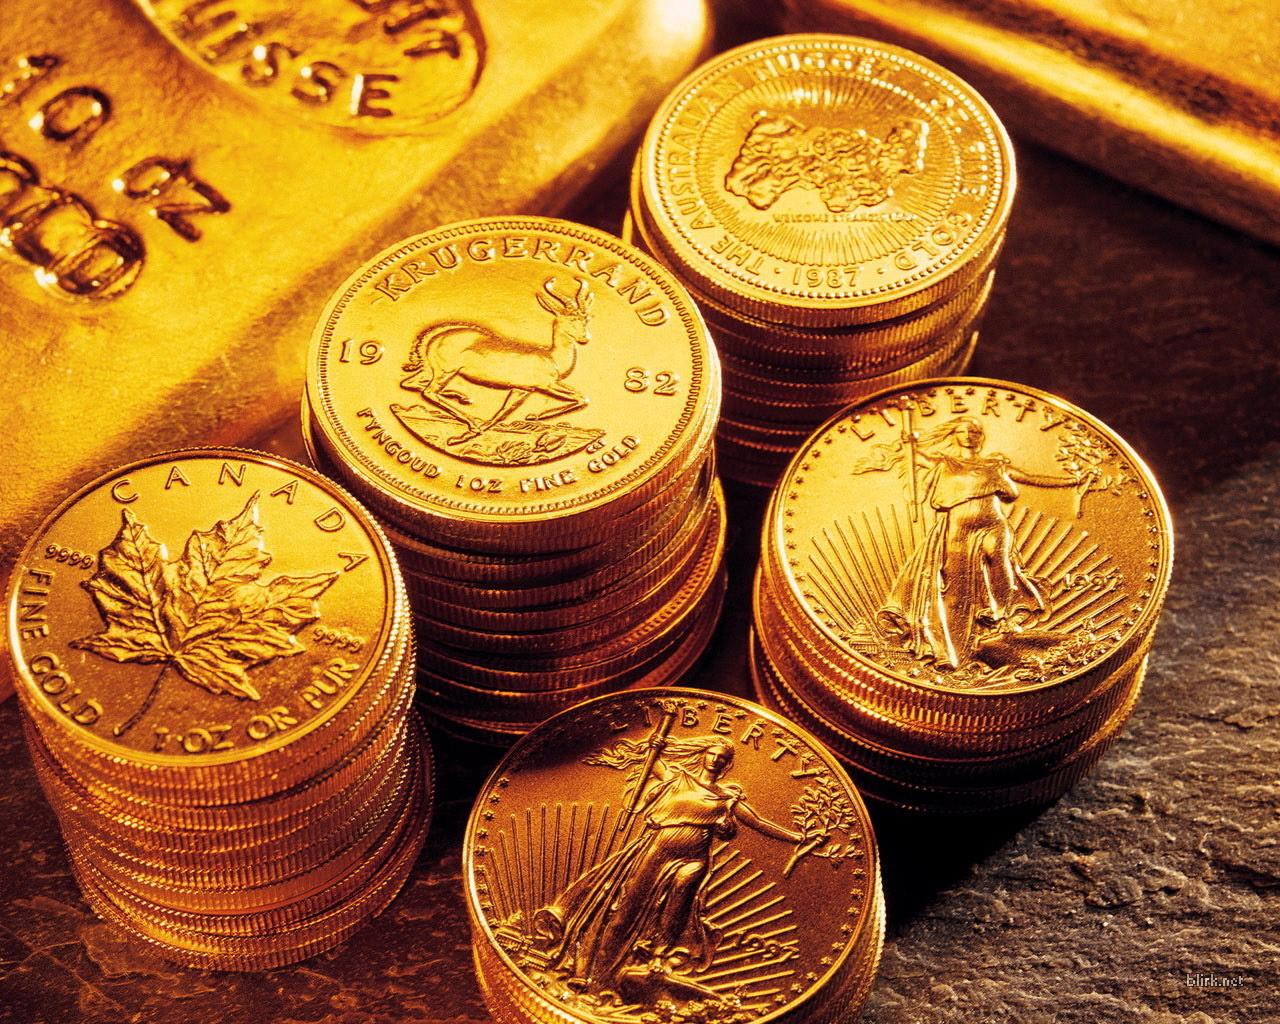 giá vàng hôm nay ngày 19/4 có triển vọng lạc quan do đồng USD suy yếu